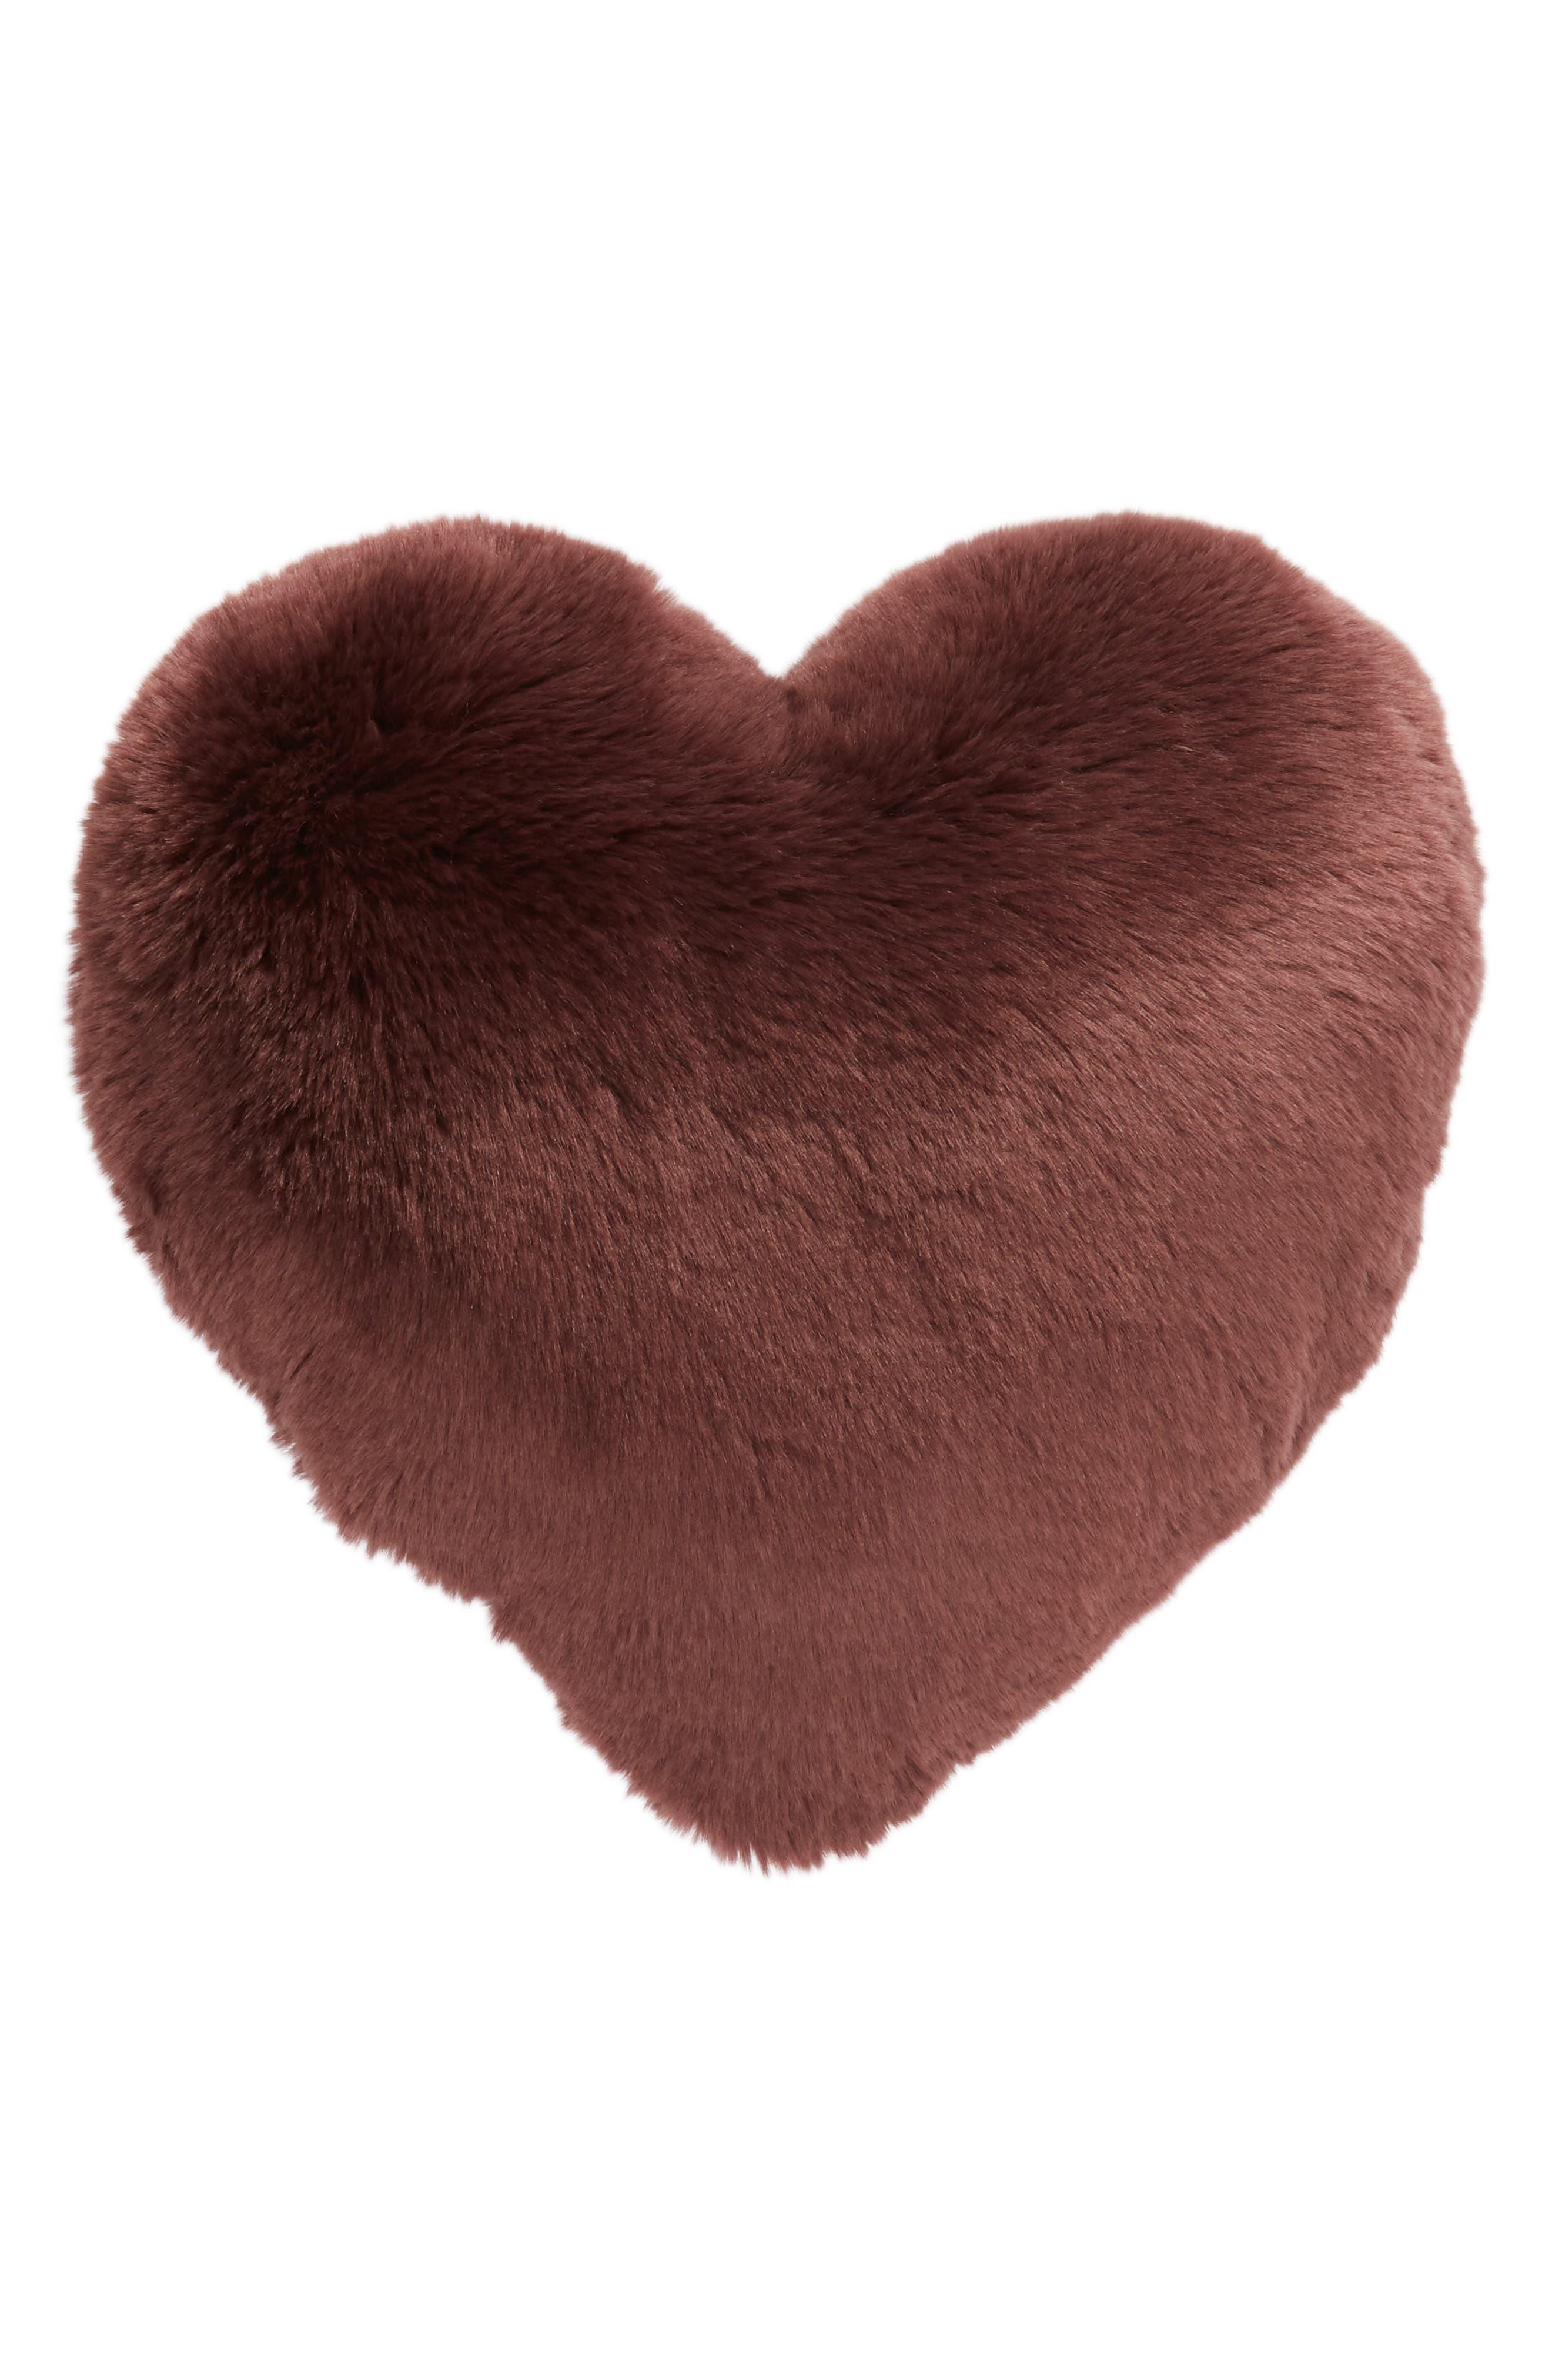 'Cuddle Up' Faux Fur Heart Accent Pillow,                             Main thumbnail 1, color,                             BURGUNDY STEM